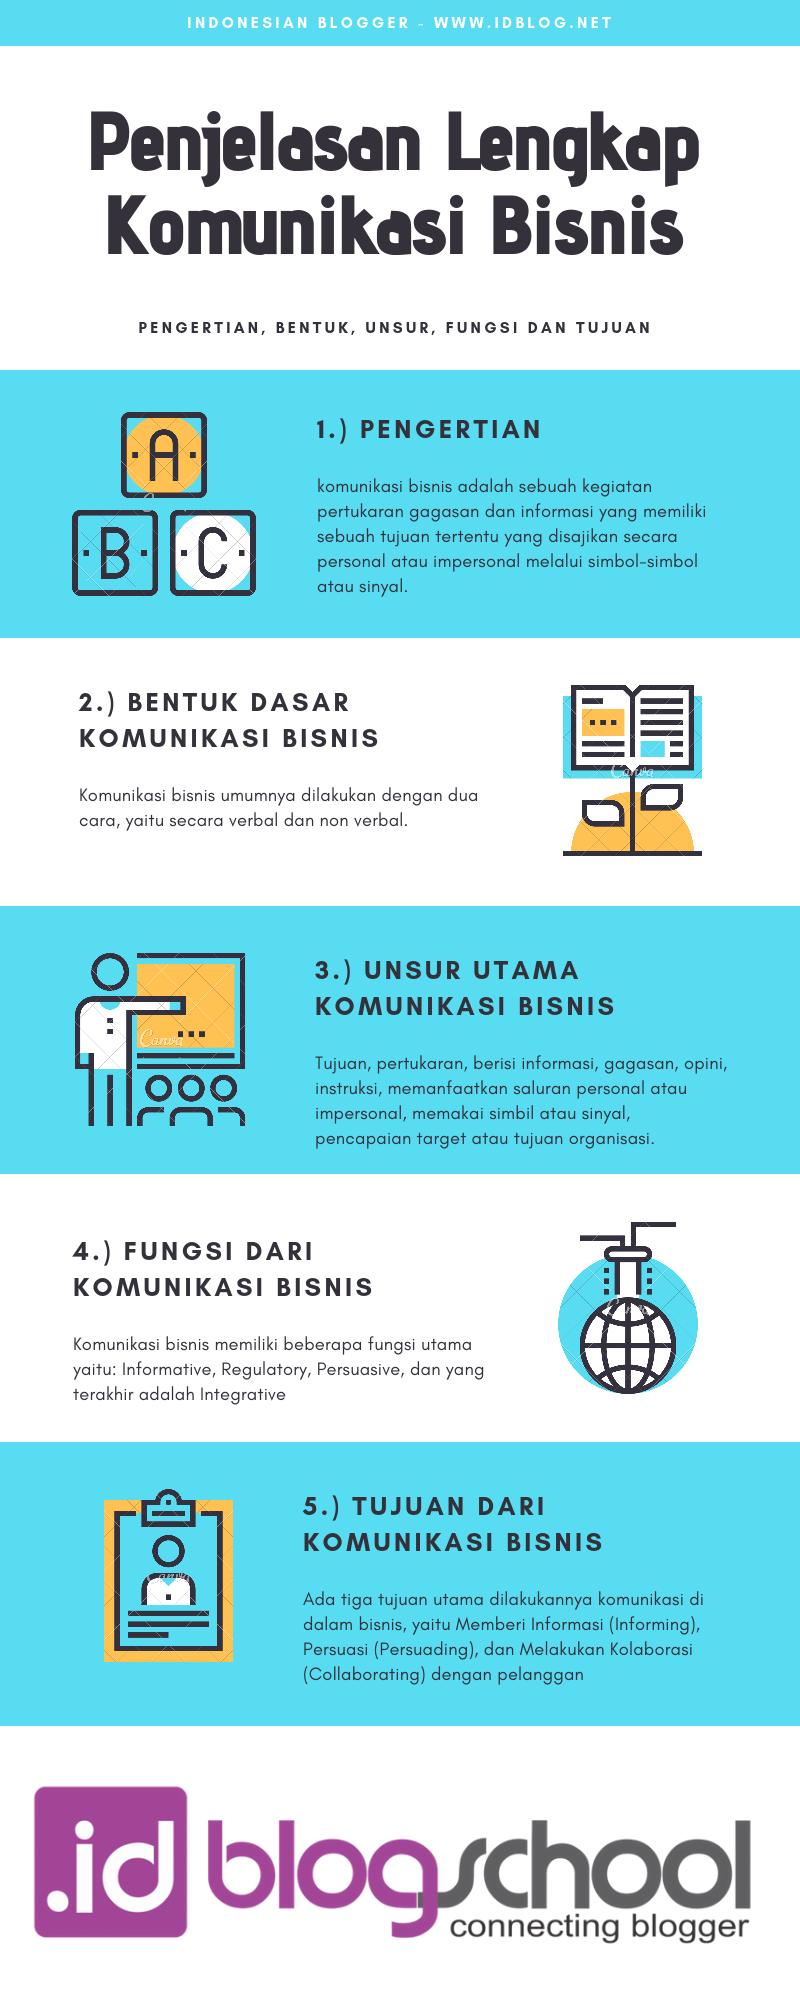 Apa Yang Dimaksud Horizontal : dimaksud, horizontal, Komunikasi, Bisnis:, Pengertian, Lengkap, Hingga, Tujuannya, Komunikasi,, Marketing,, Blogging